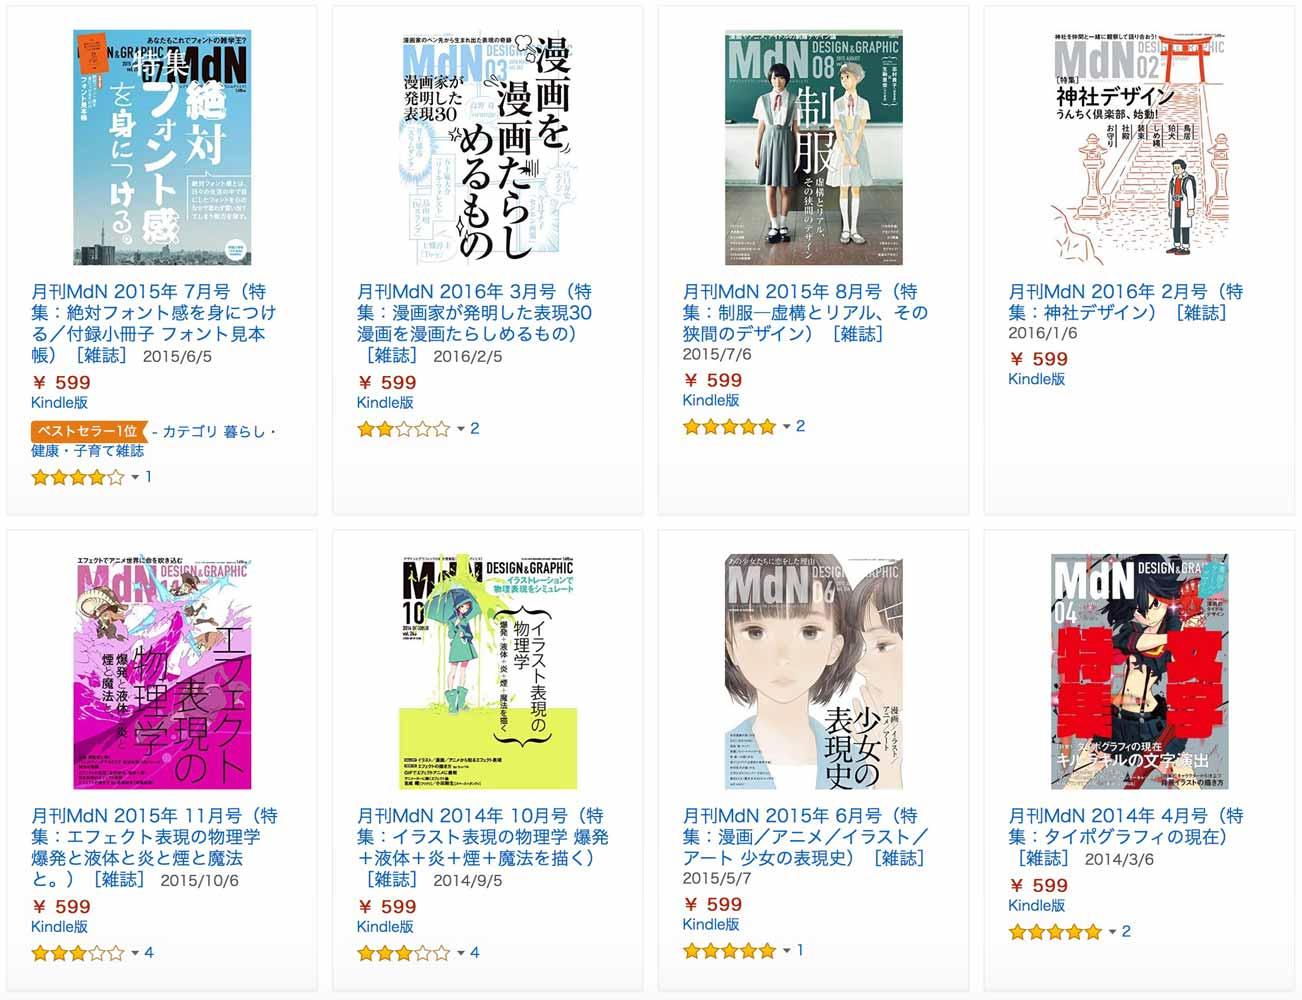 Kindleストア、本日3月3日まで全号599円になる「デザイン誌 月刊『MdN』全号セール」実施中